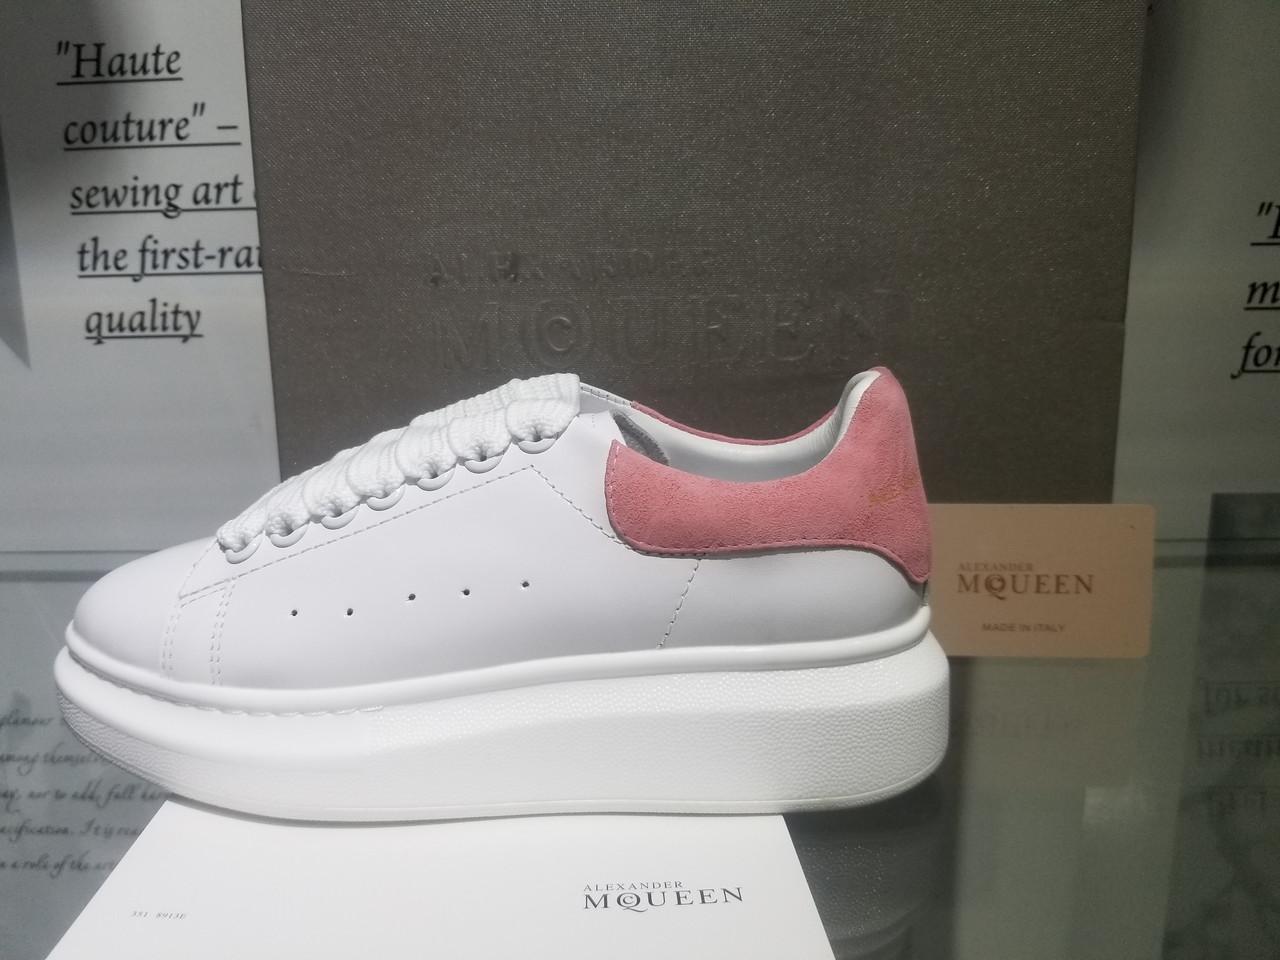 b8526bde Кроссовки, кеды женские Alexander McQueen, натуральная кожа, белые с  розовым, 36-